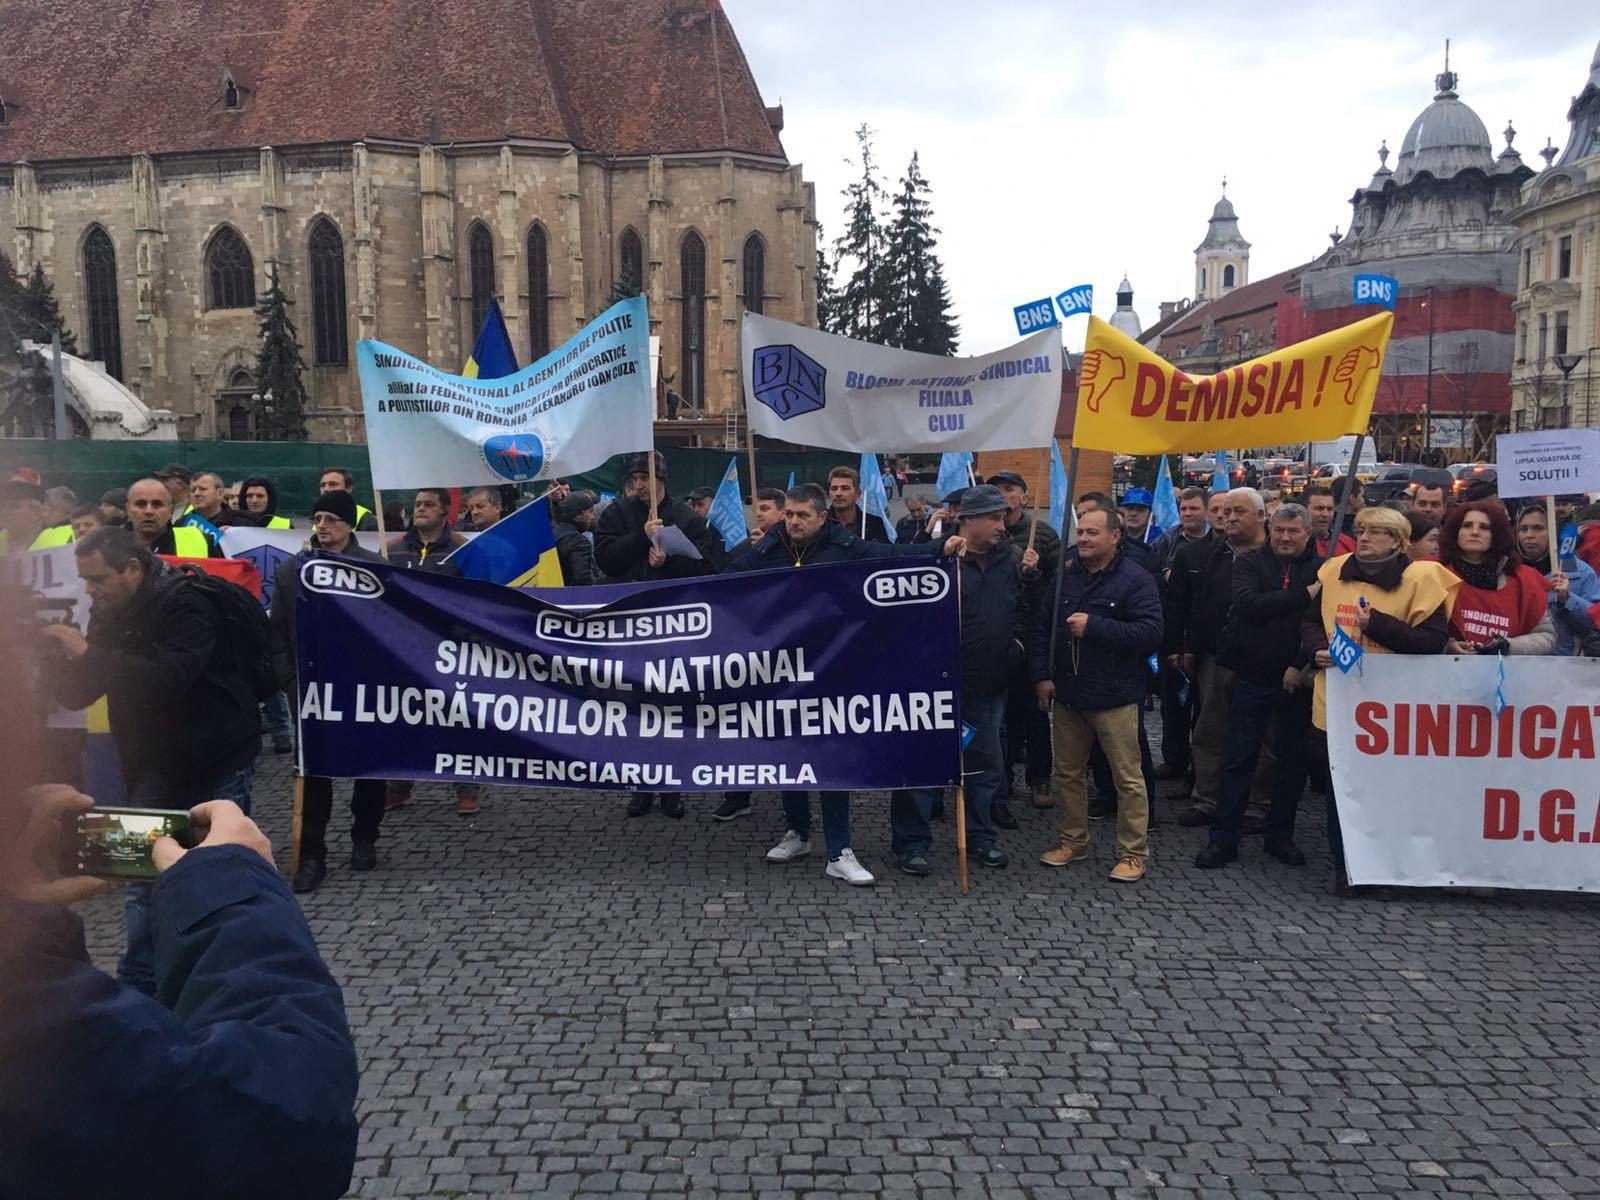 Protest al sindicaliştilor BNS faţă de `Revoluţia fiscală`, la Cluj